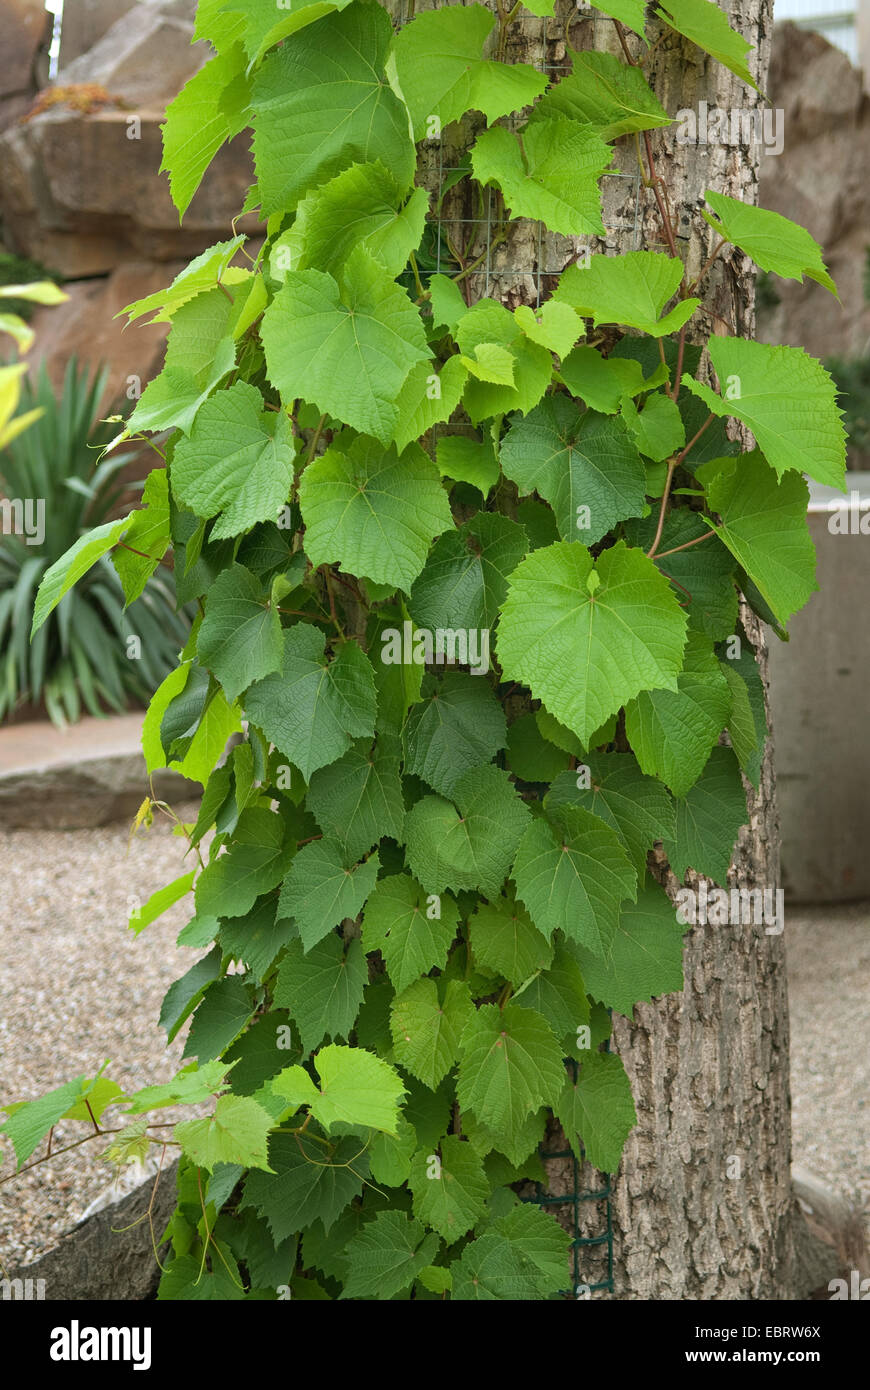 Amur uva (Vitis amurensis) en el tronco de un árbol Imagen De Stock